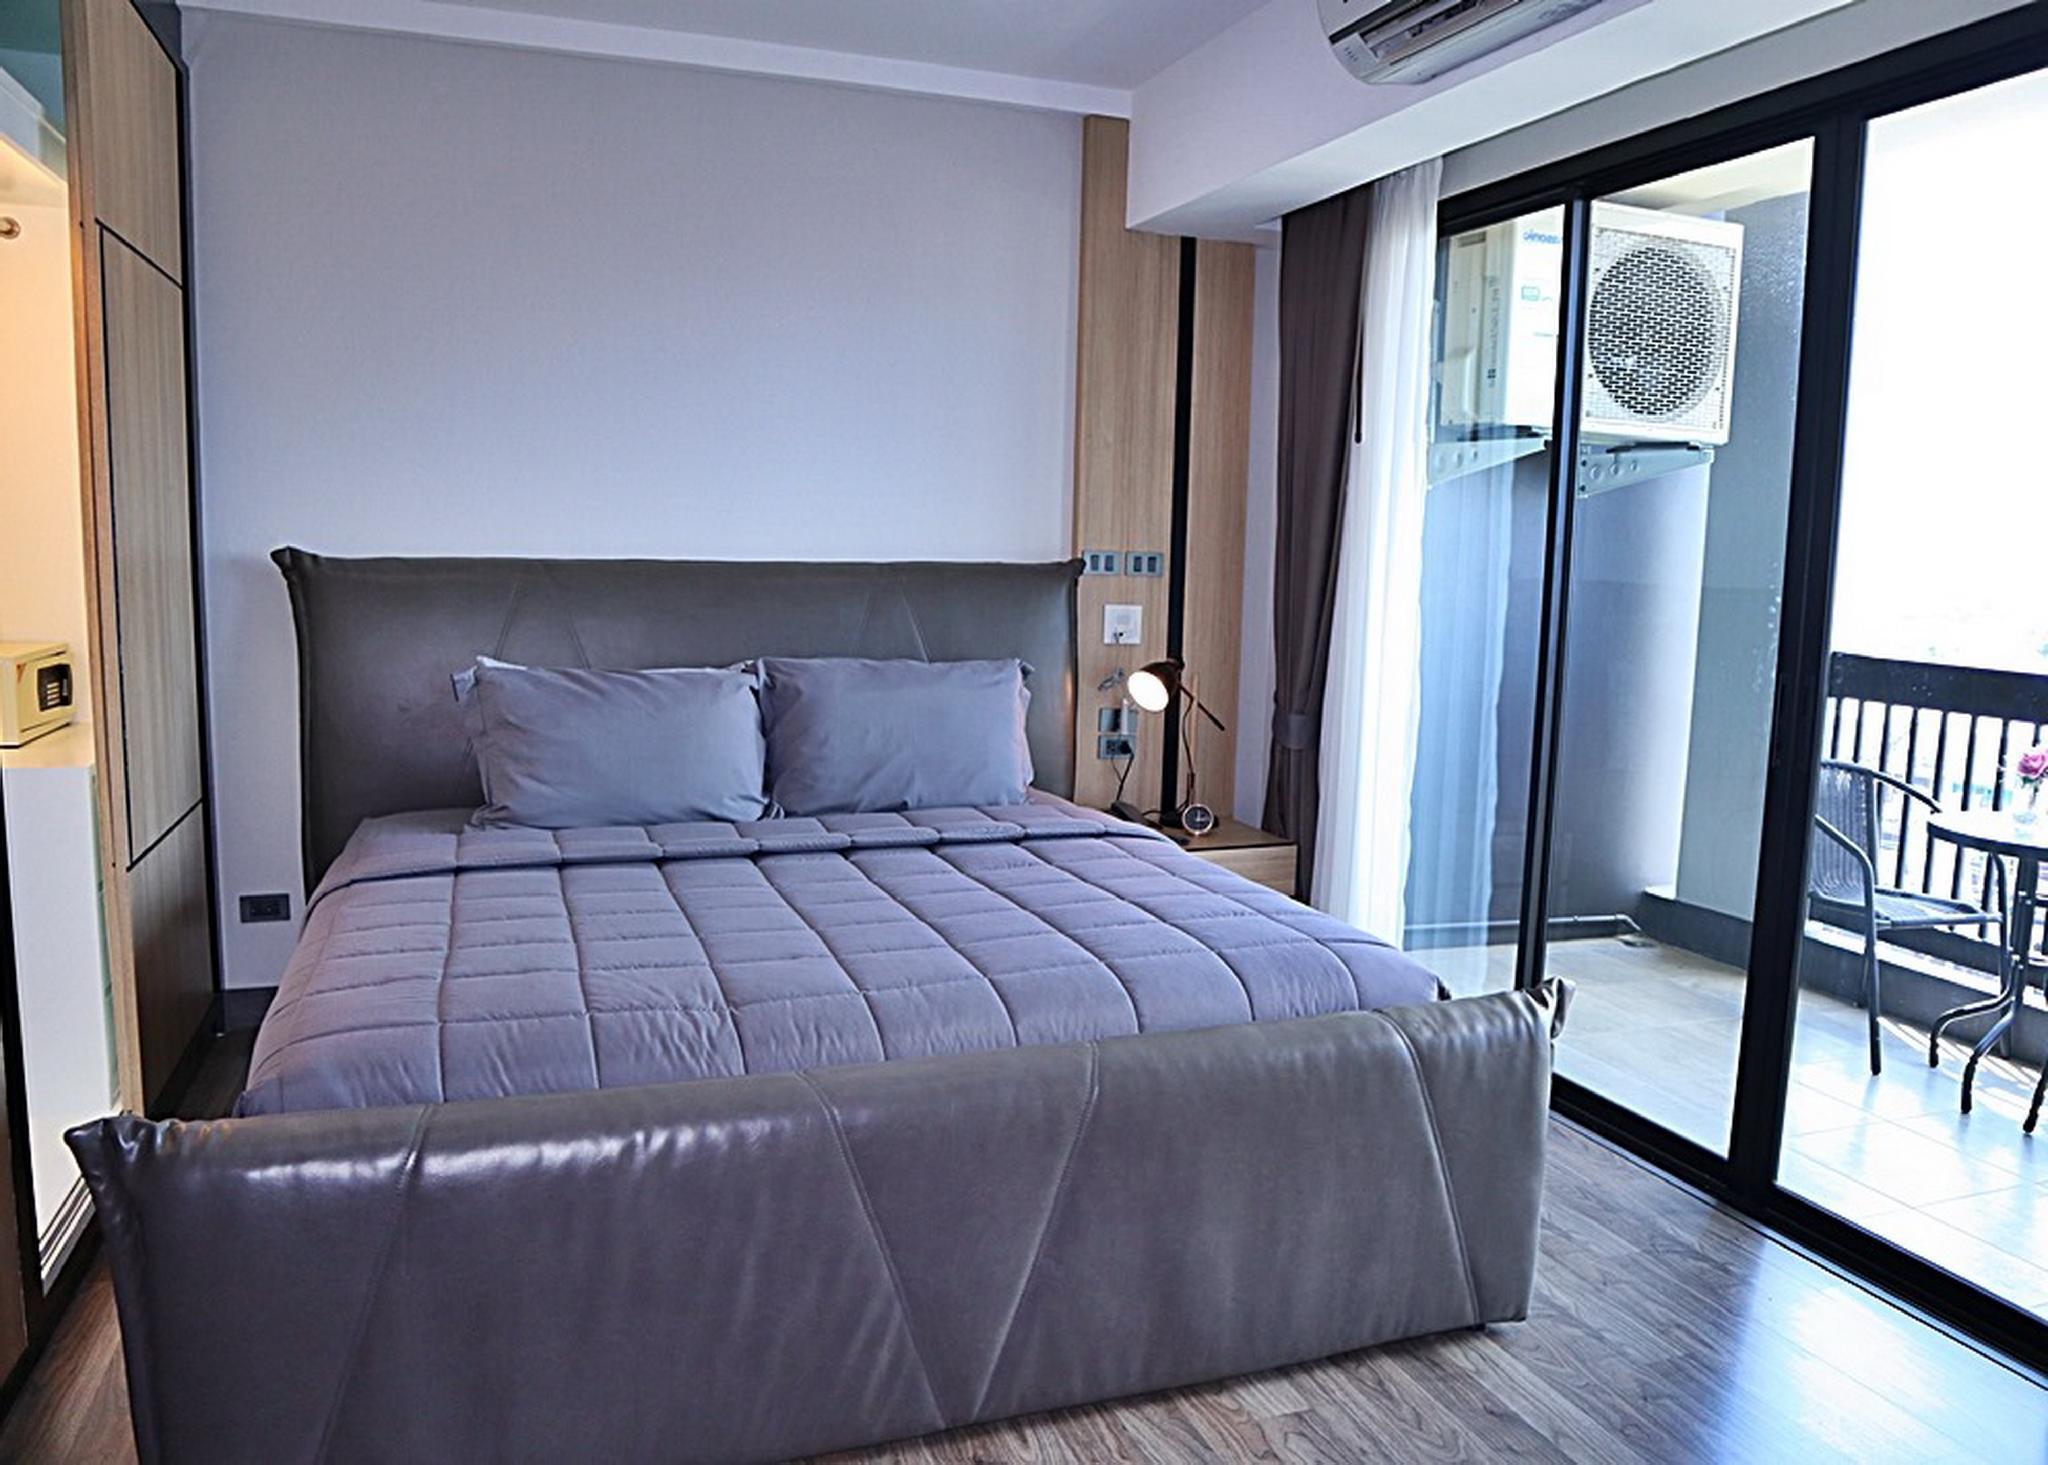 The Suthep View Residence BH-102 Chiang Mai อพาร์ตเมนต์ 1 ห้องนอน 1 ห้องน้ำส่วนตัว ขนาด 55 ตร.ม. – สนามบินเชียงใหม่